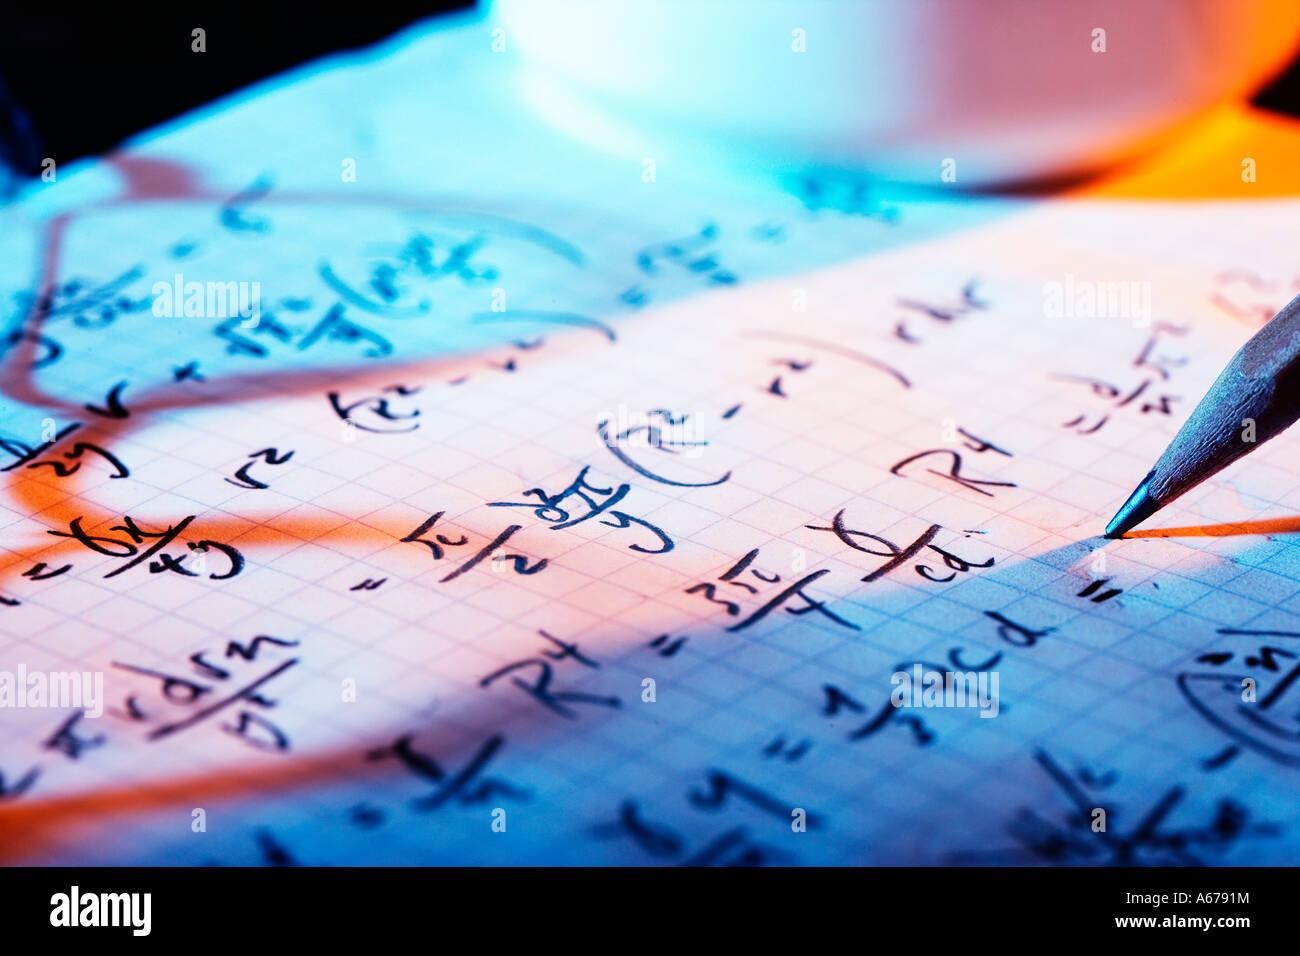 Página de ecuaciones matemáticas con sombra de gafas Imagen De Stock